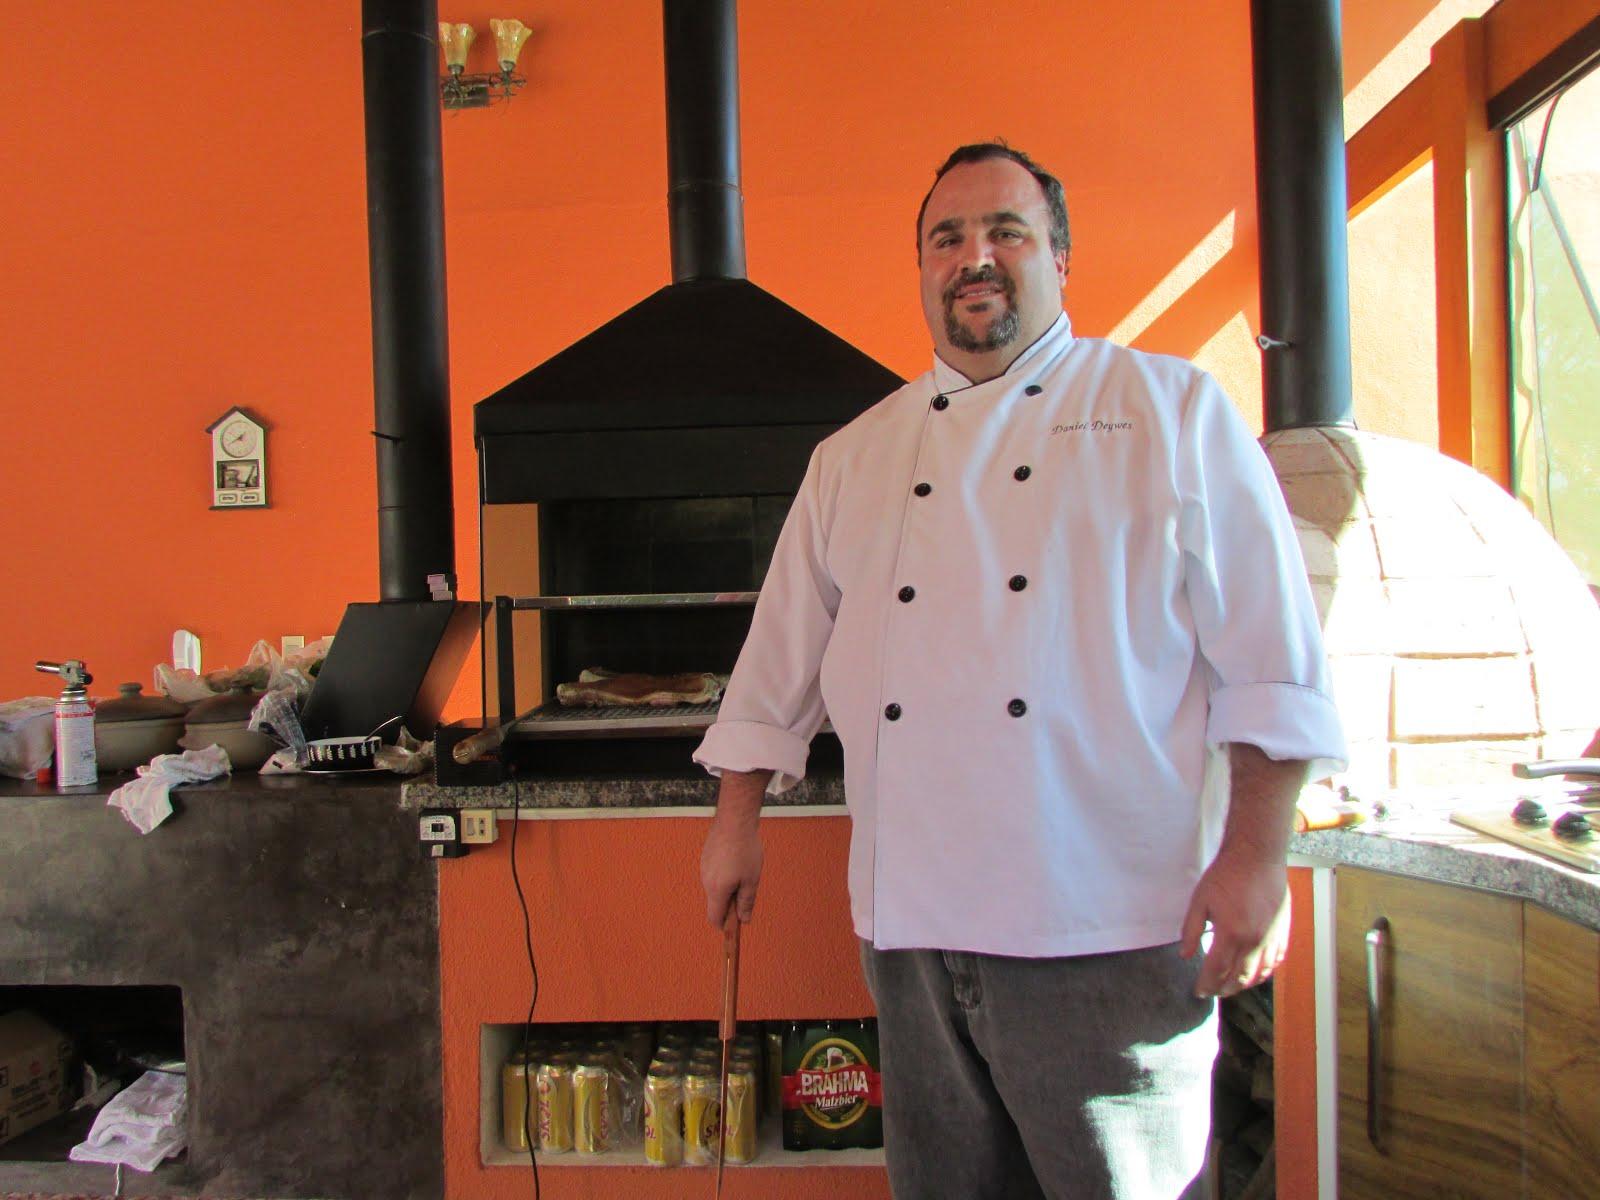 Chef Daniel Deywes